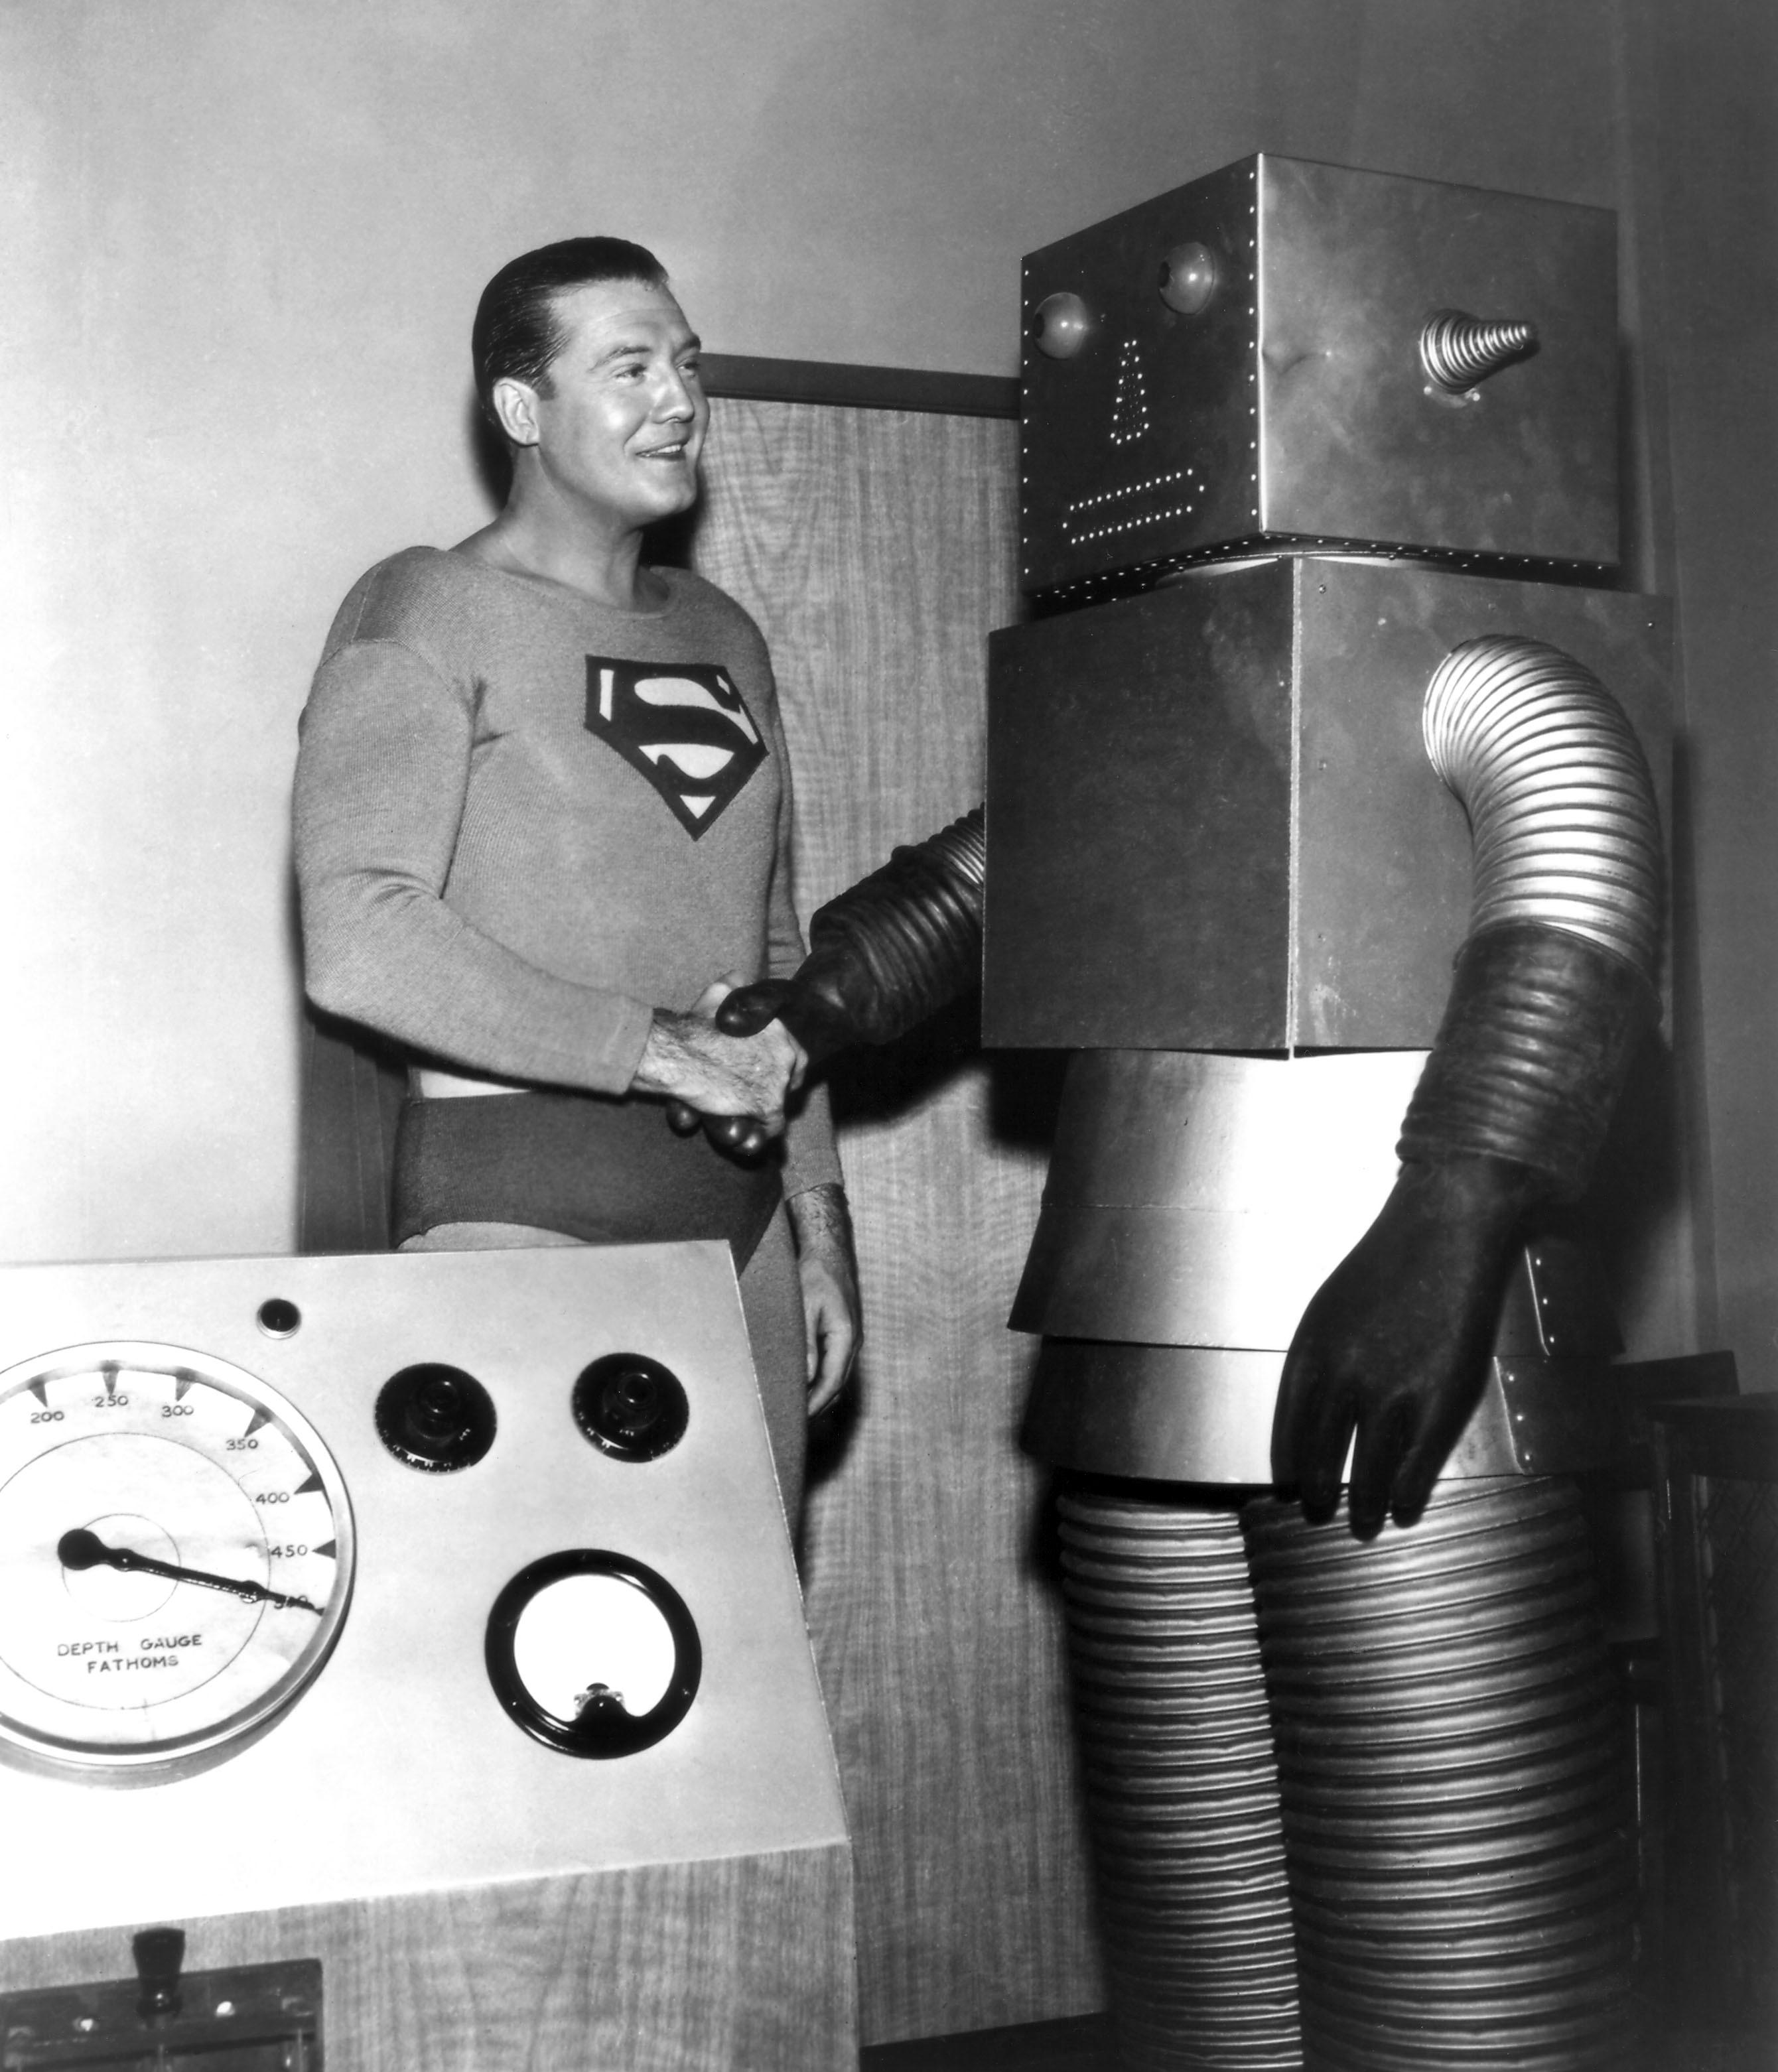 George Reeves Superman TV Series